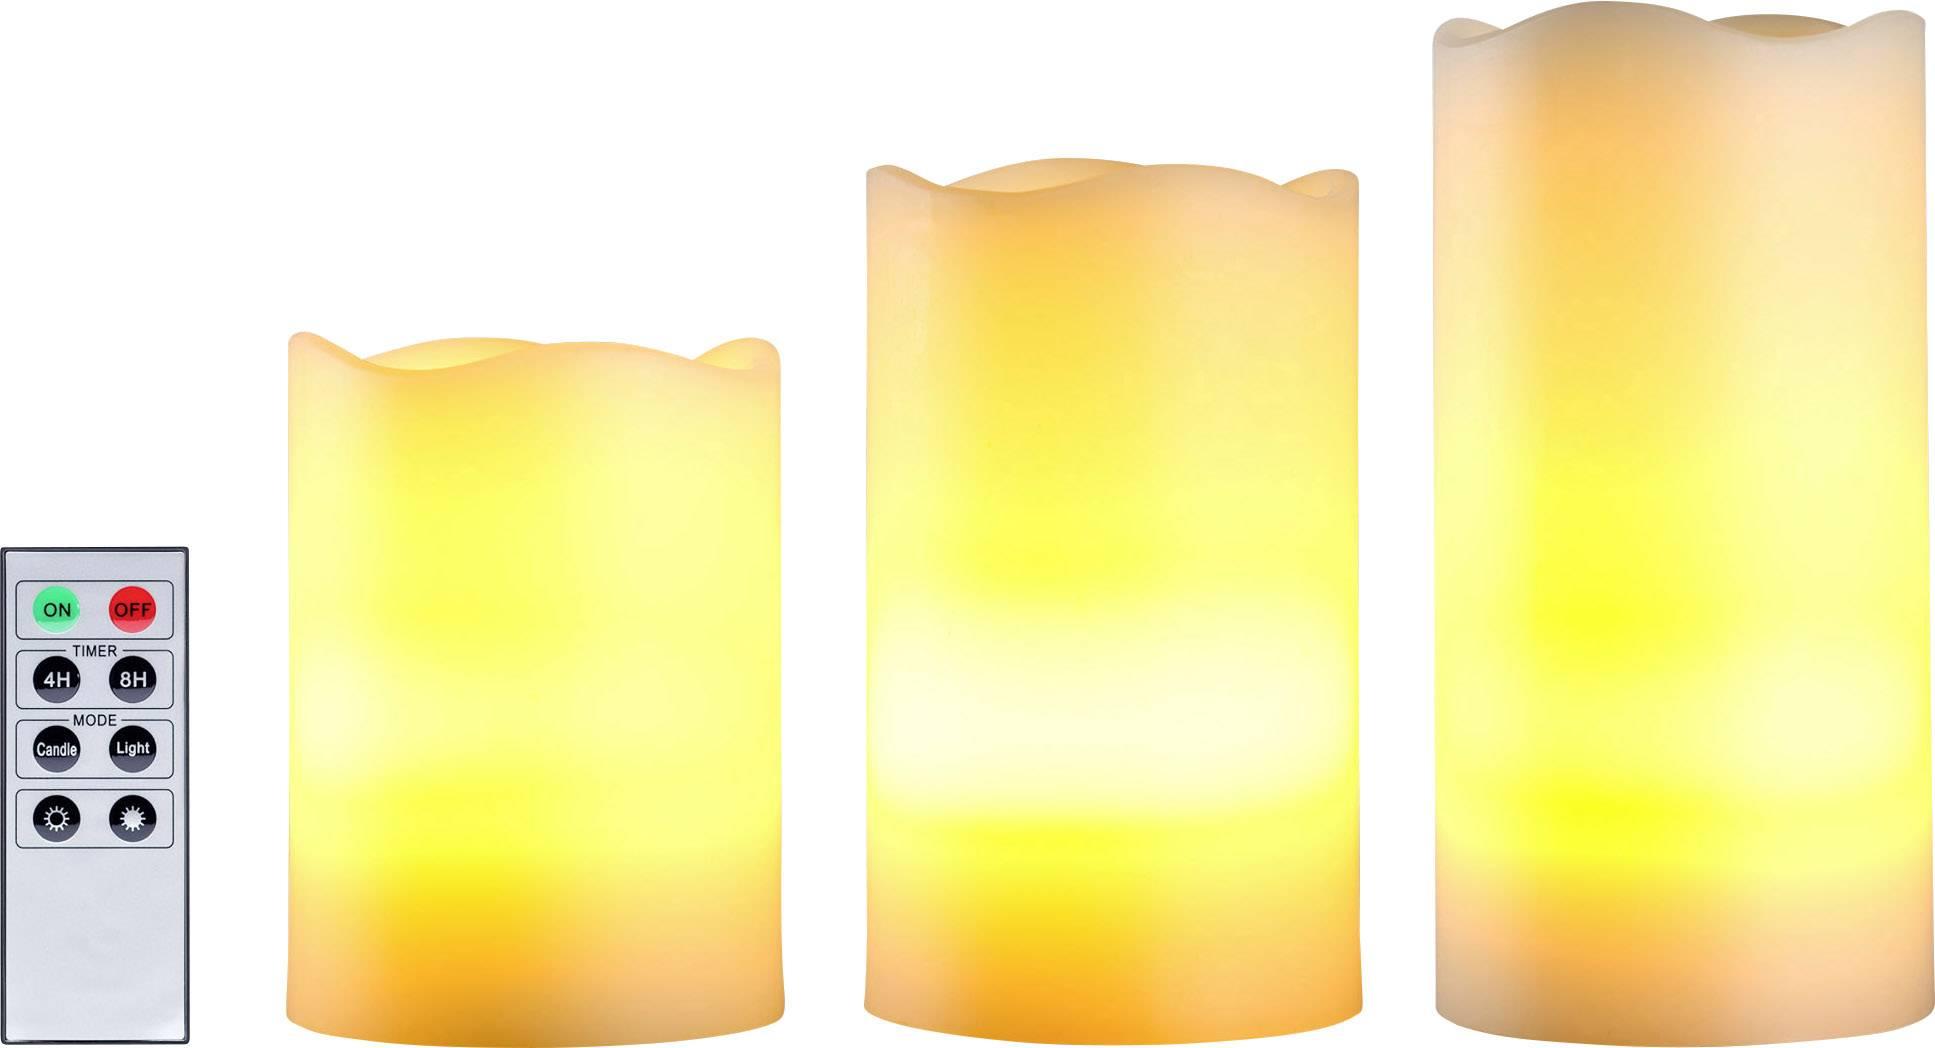 Bezdrôtové LED sviečky Polarlite, teplá biela, (Ø x v) 7,5 x 15 cm, 3 ks